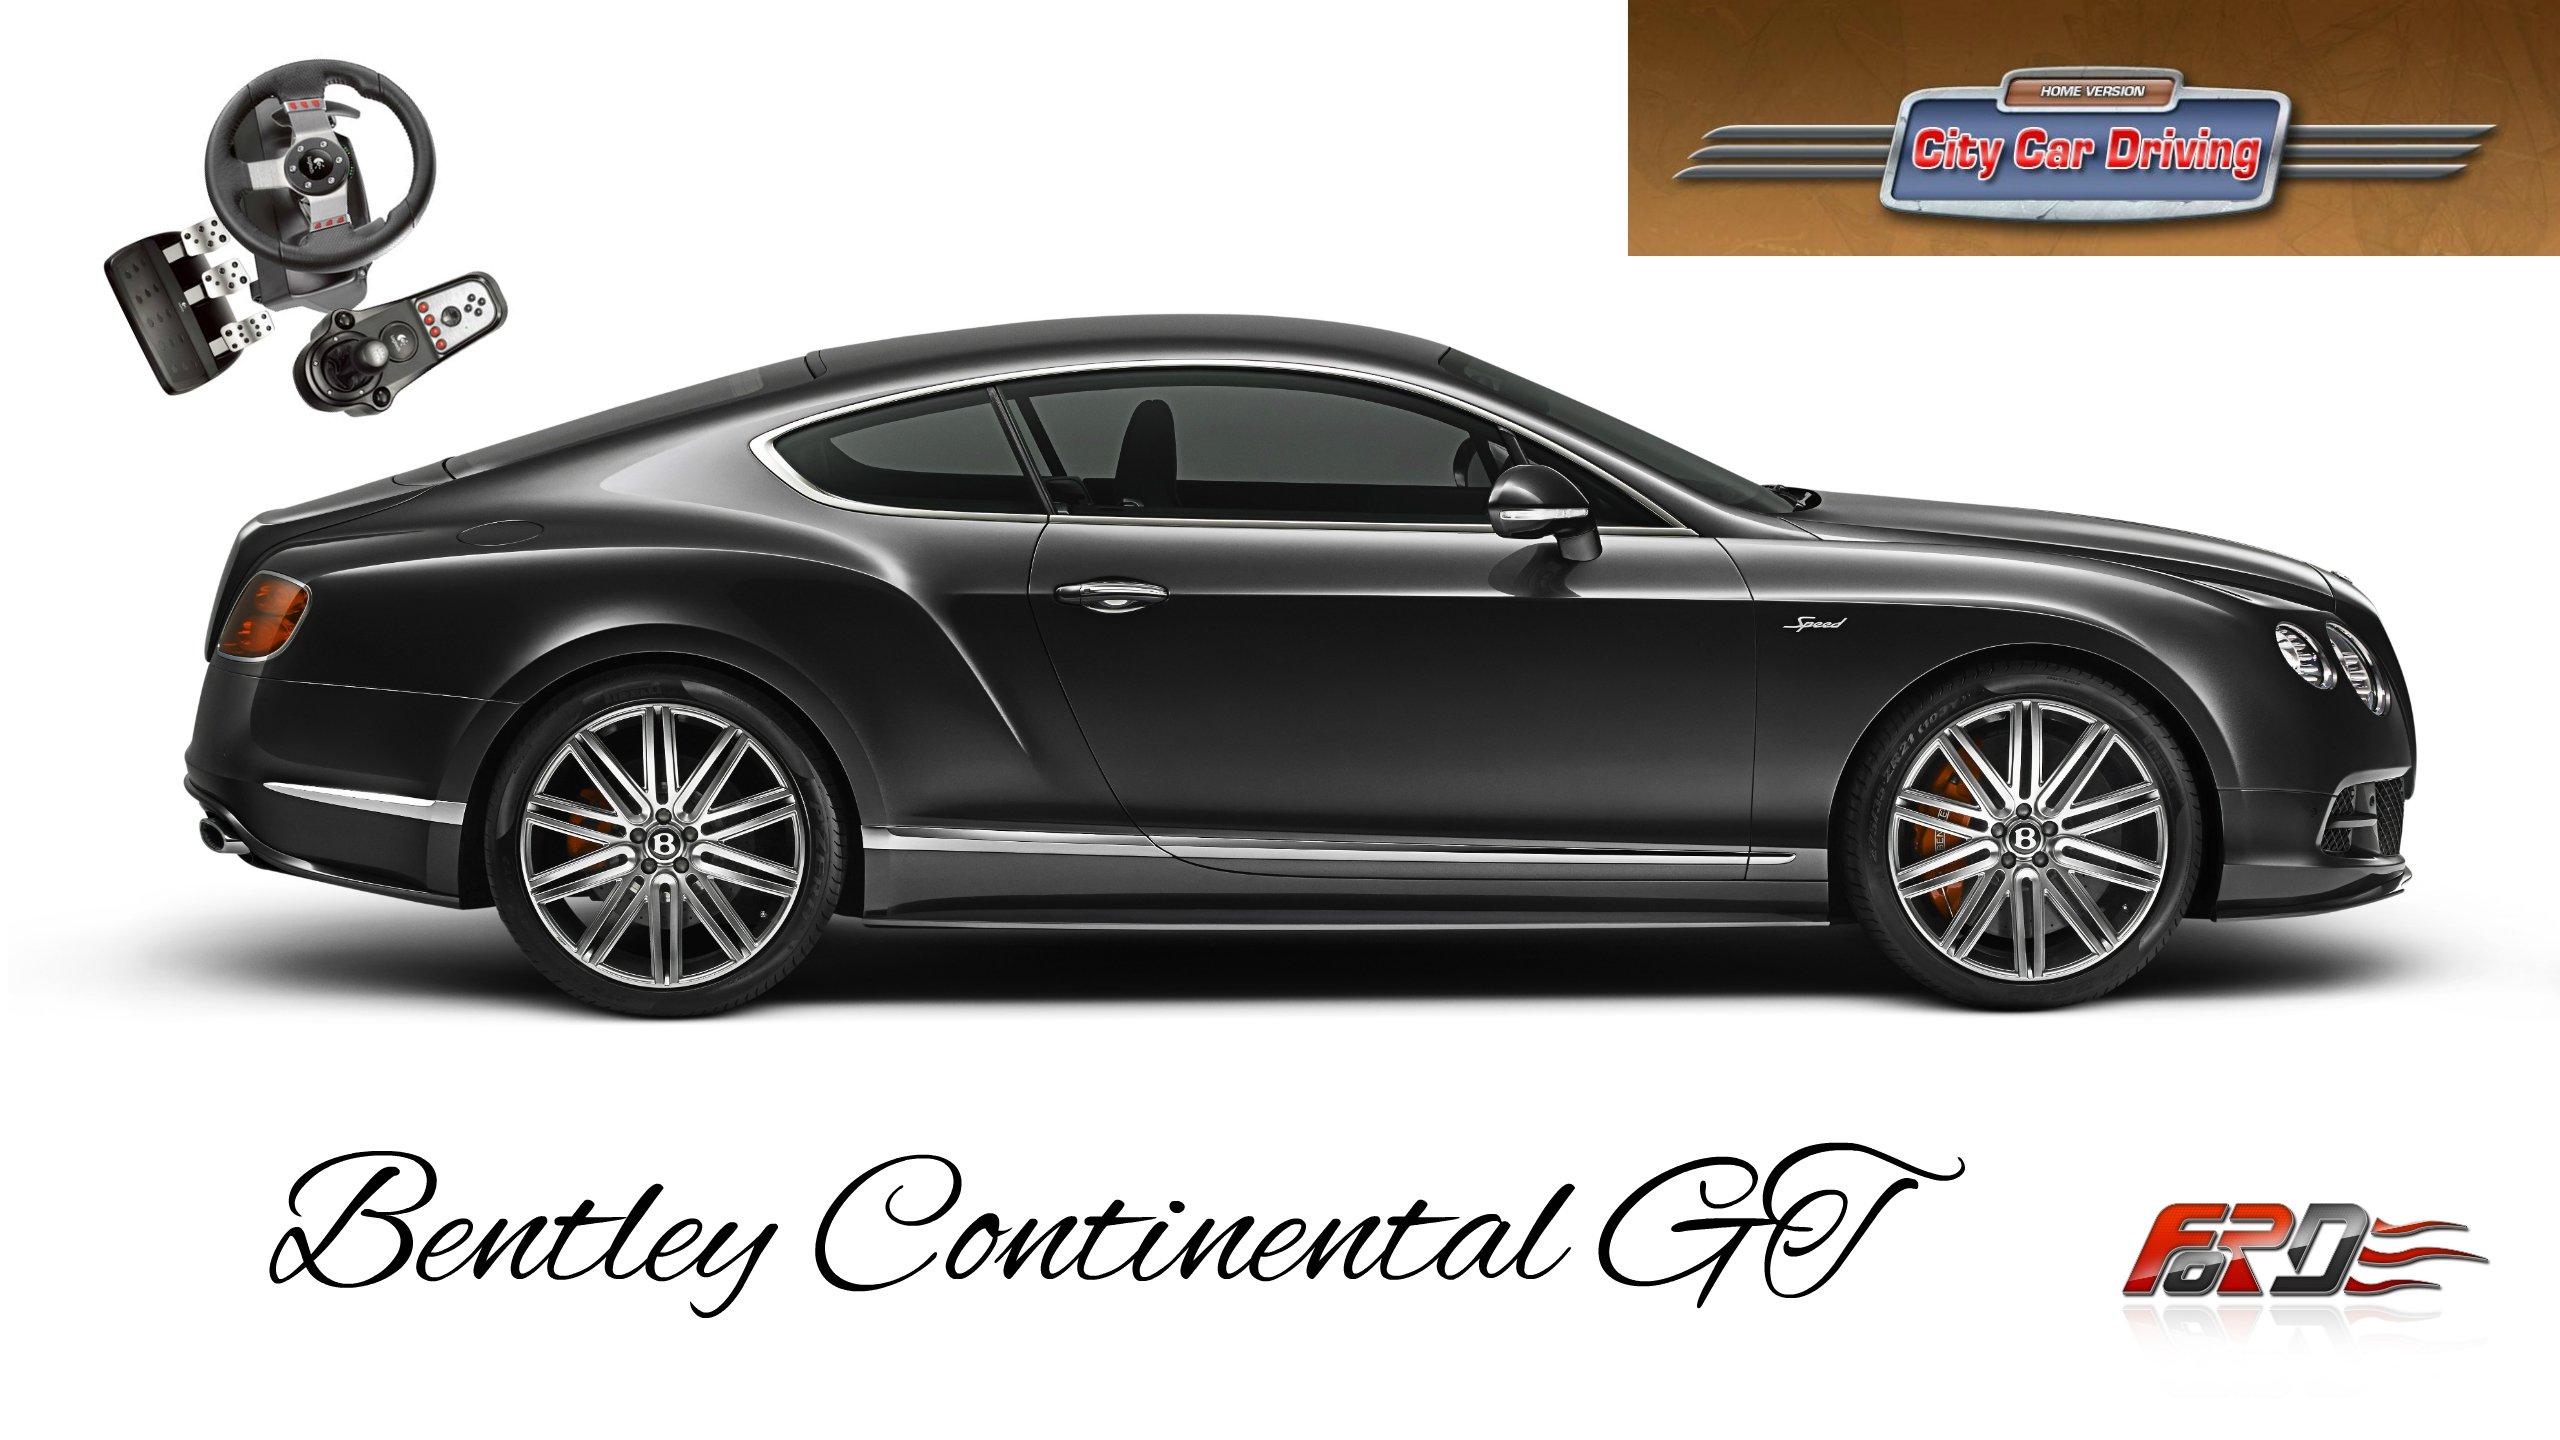 Bentley Continental GT - тест-драйв, обзор спортивного купе премиум сегмента в City Car Driving . - Изображение 1